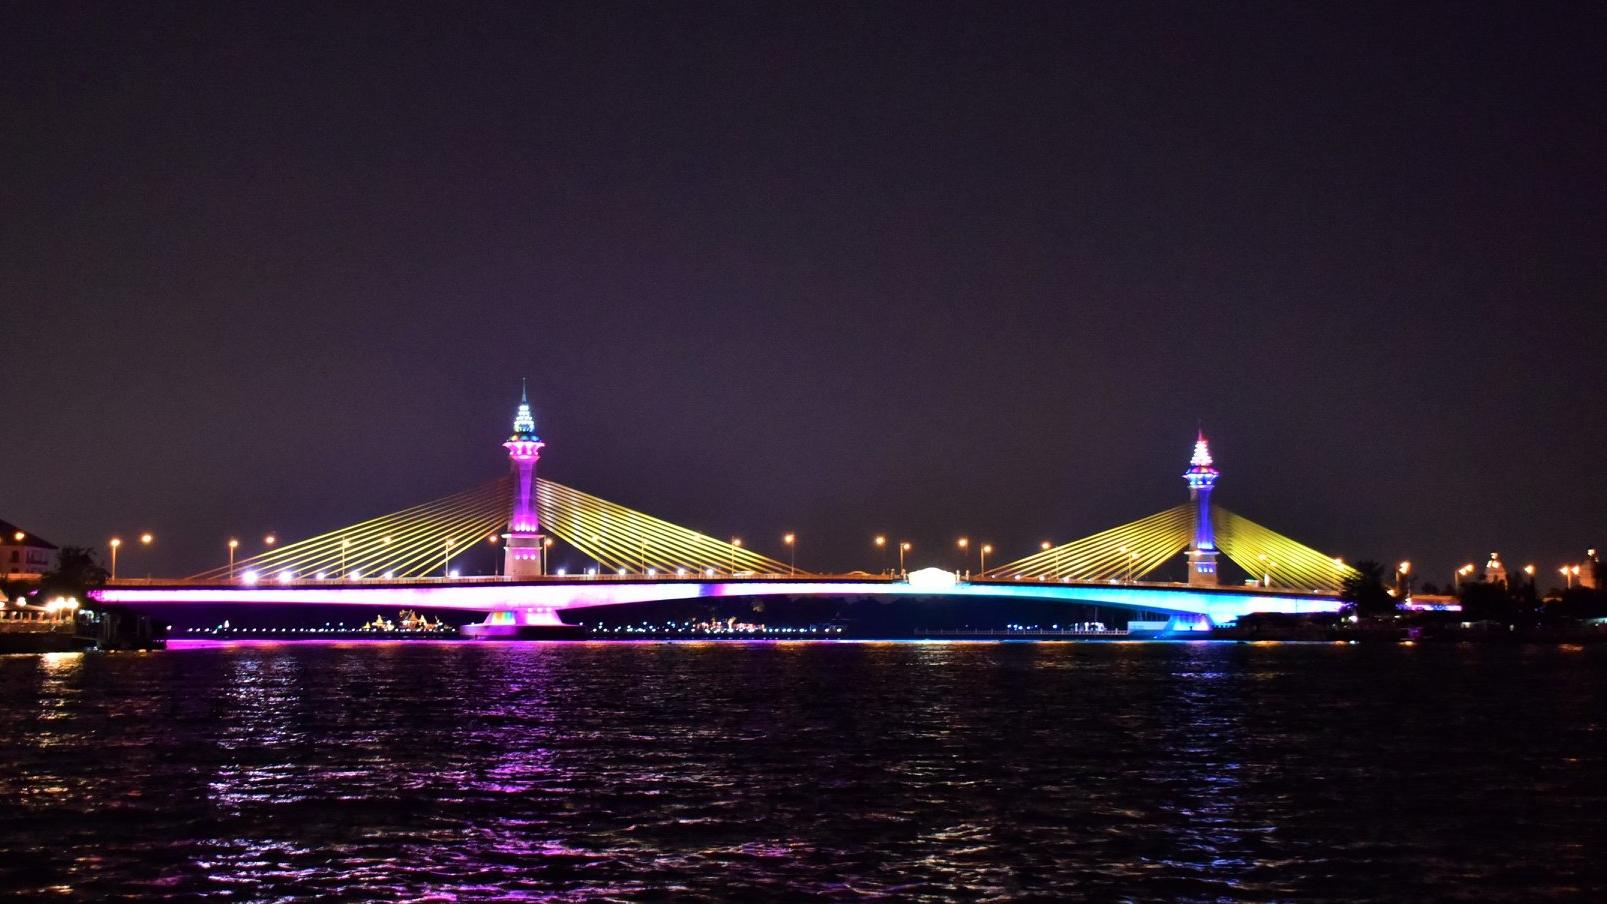 ประดับไฟสะพาน พระราชพิธีบรมราชาภิเษก สะพานข้ามแม่น้ำเจ้าพระยา